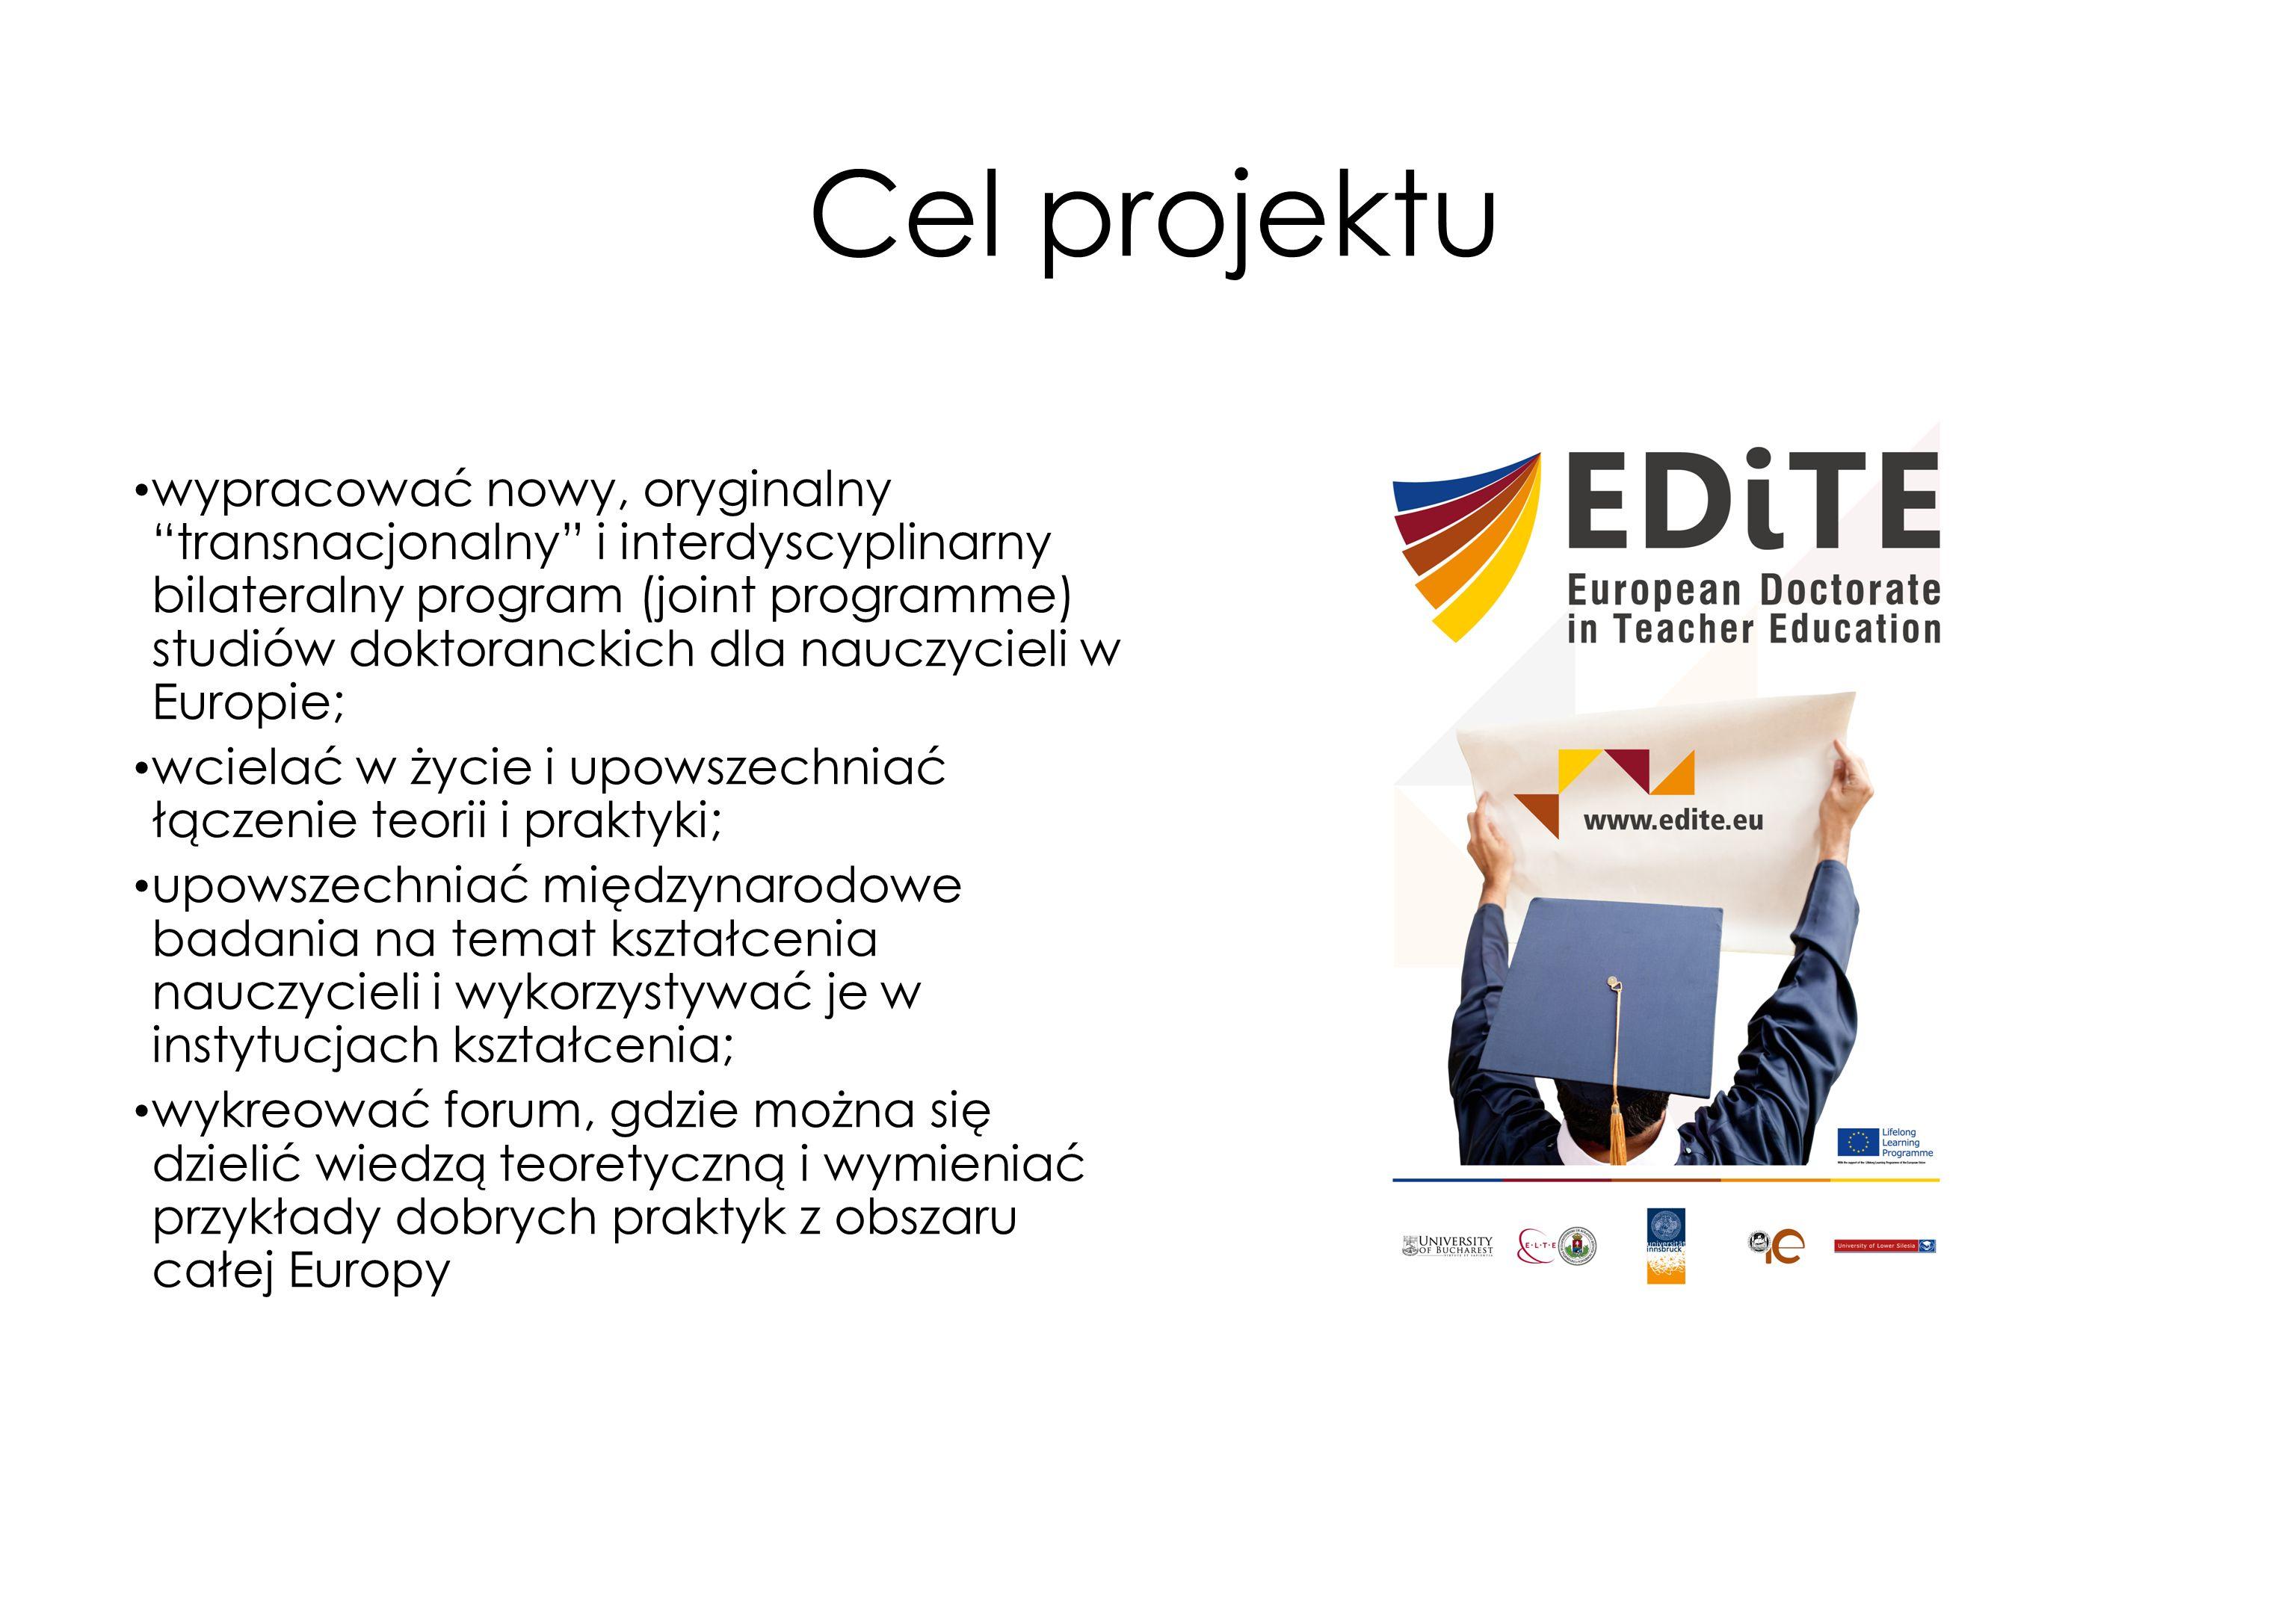 Cel projektu wypracować nowy, oryginalny transnacjonalny i interdyscyplinarny bilateralny program (joint programme) studiów doktoranckich dla nauczyci